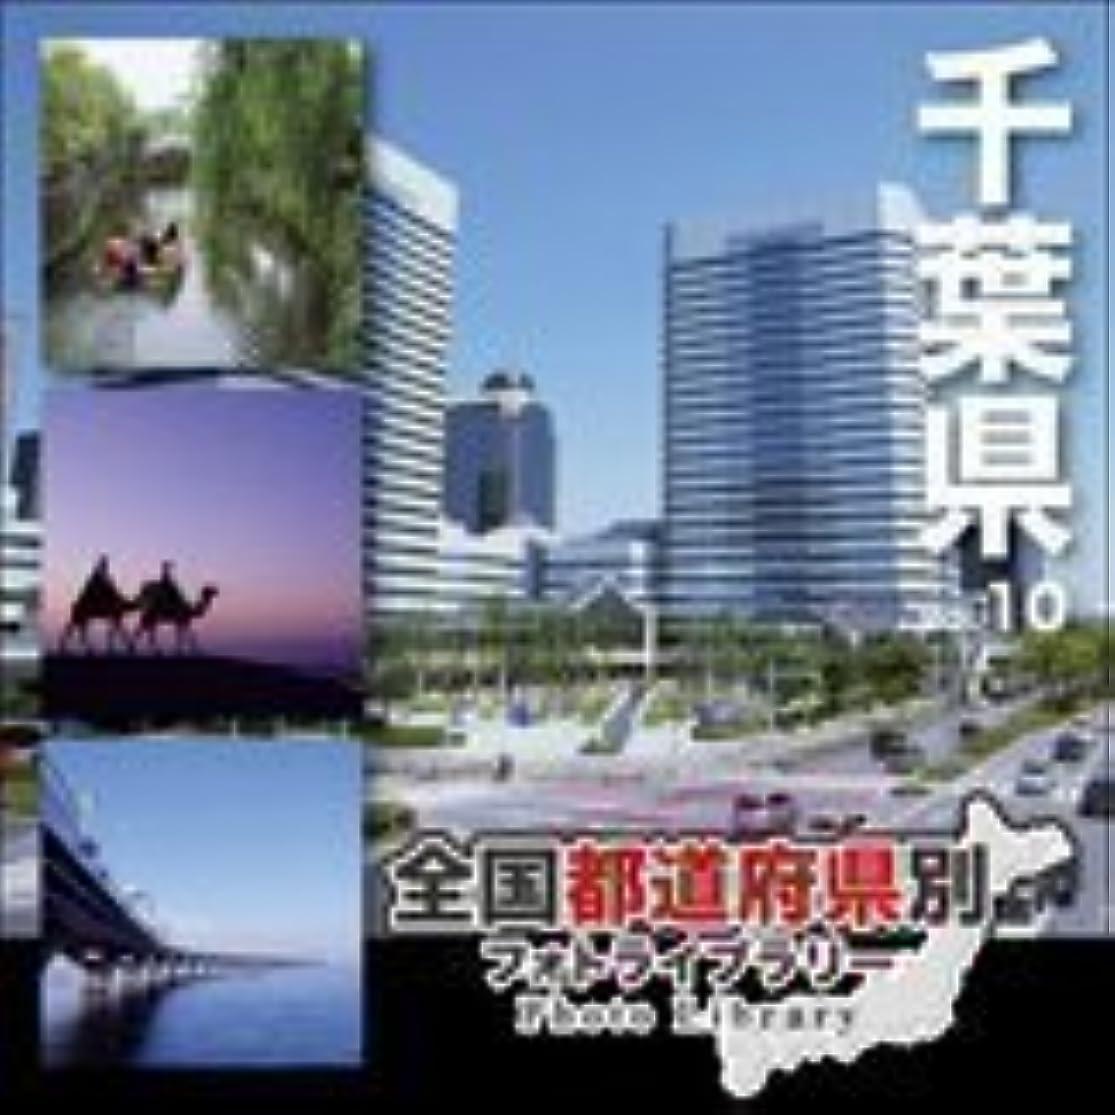 不毛工業化する活性化全国都道府県別フォトライブラリー Vol.10 千葉県